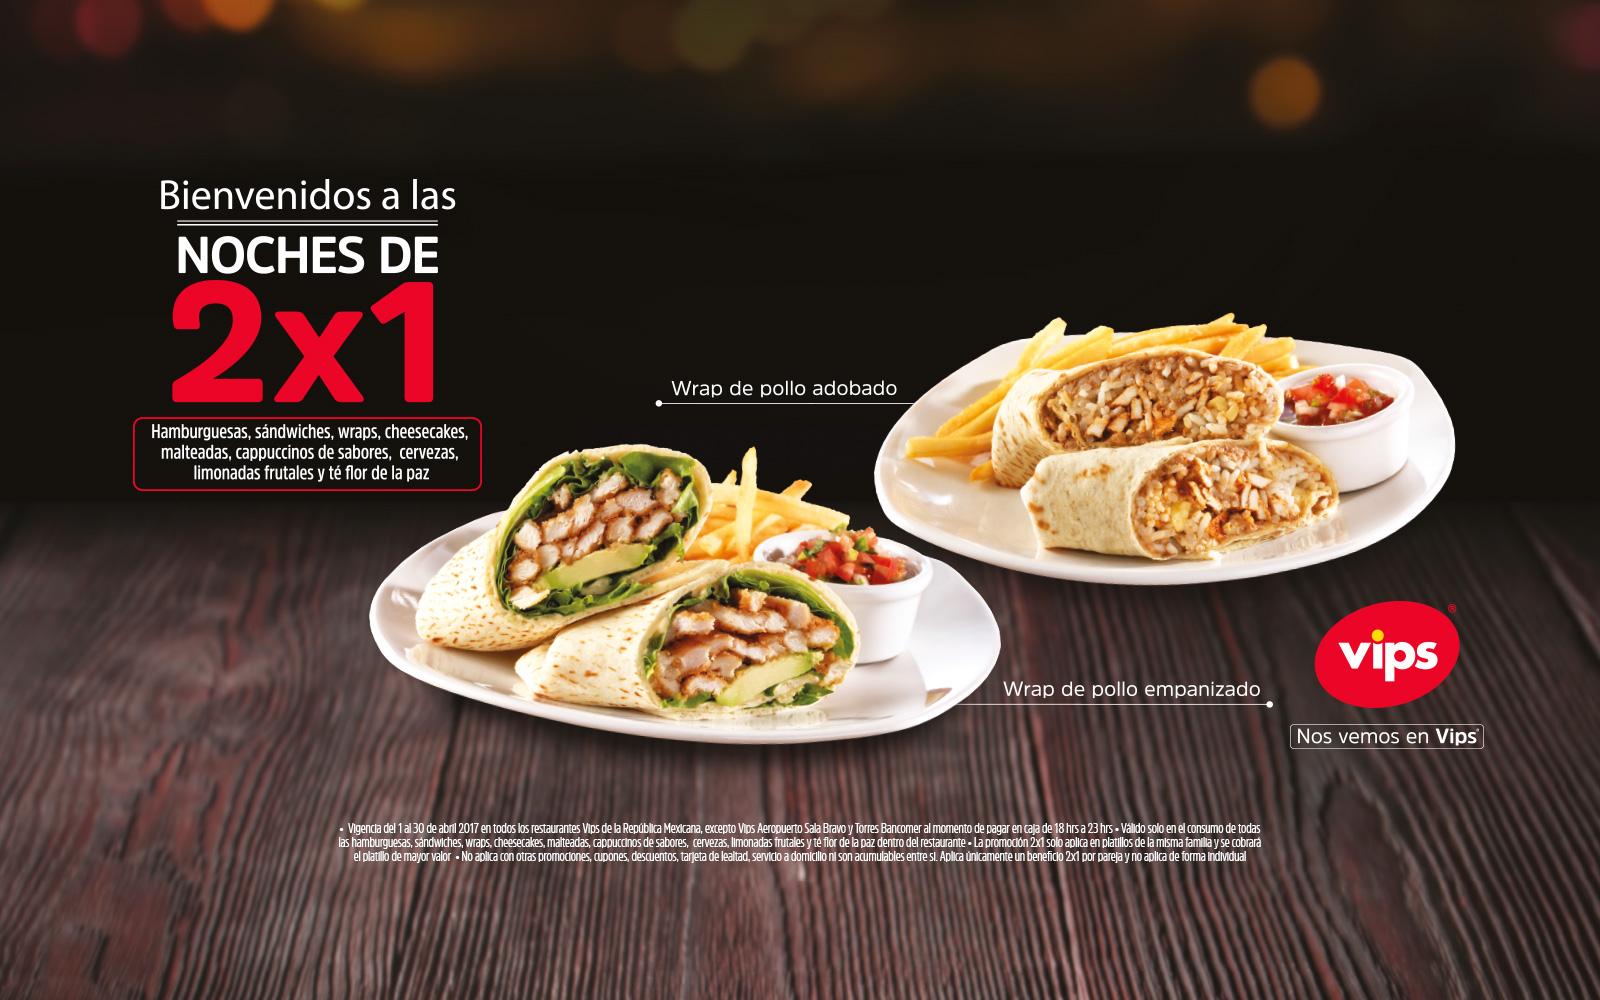 Vips: 2x1 en hamburguesas, cervezas, limonadas, sandwiches y más